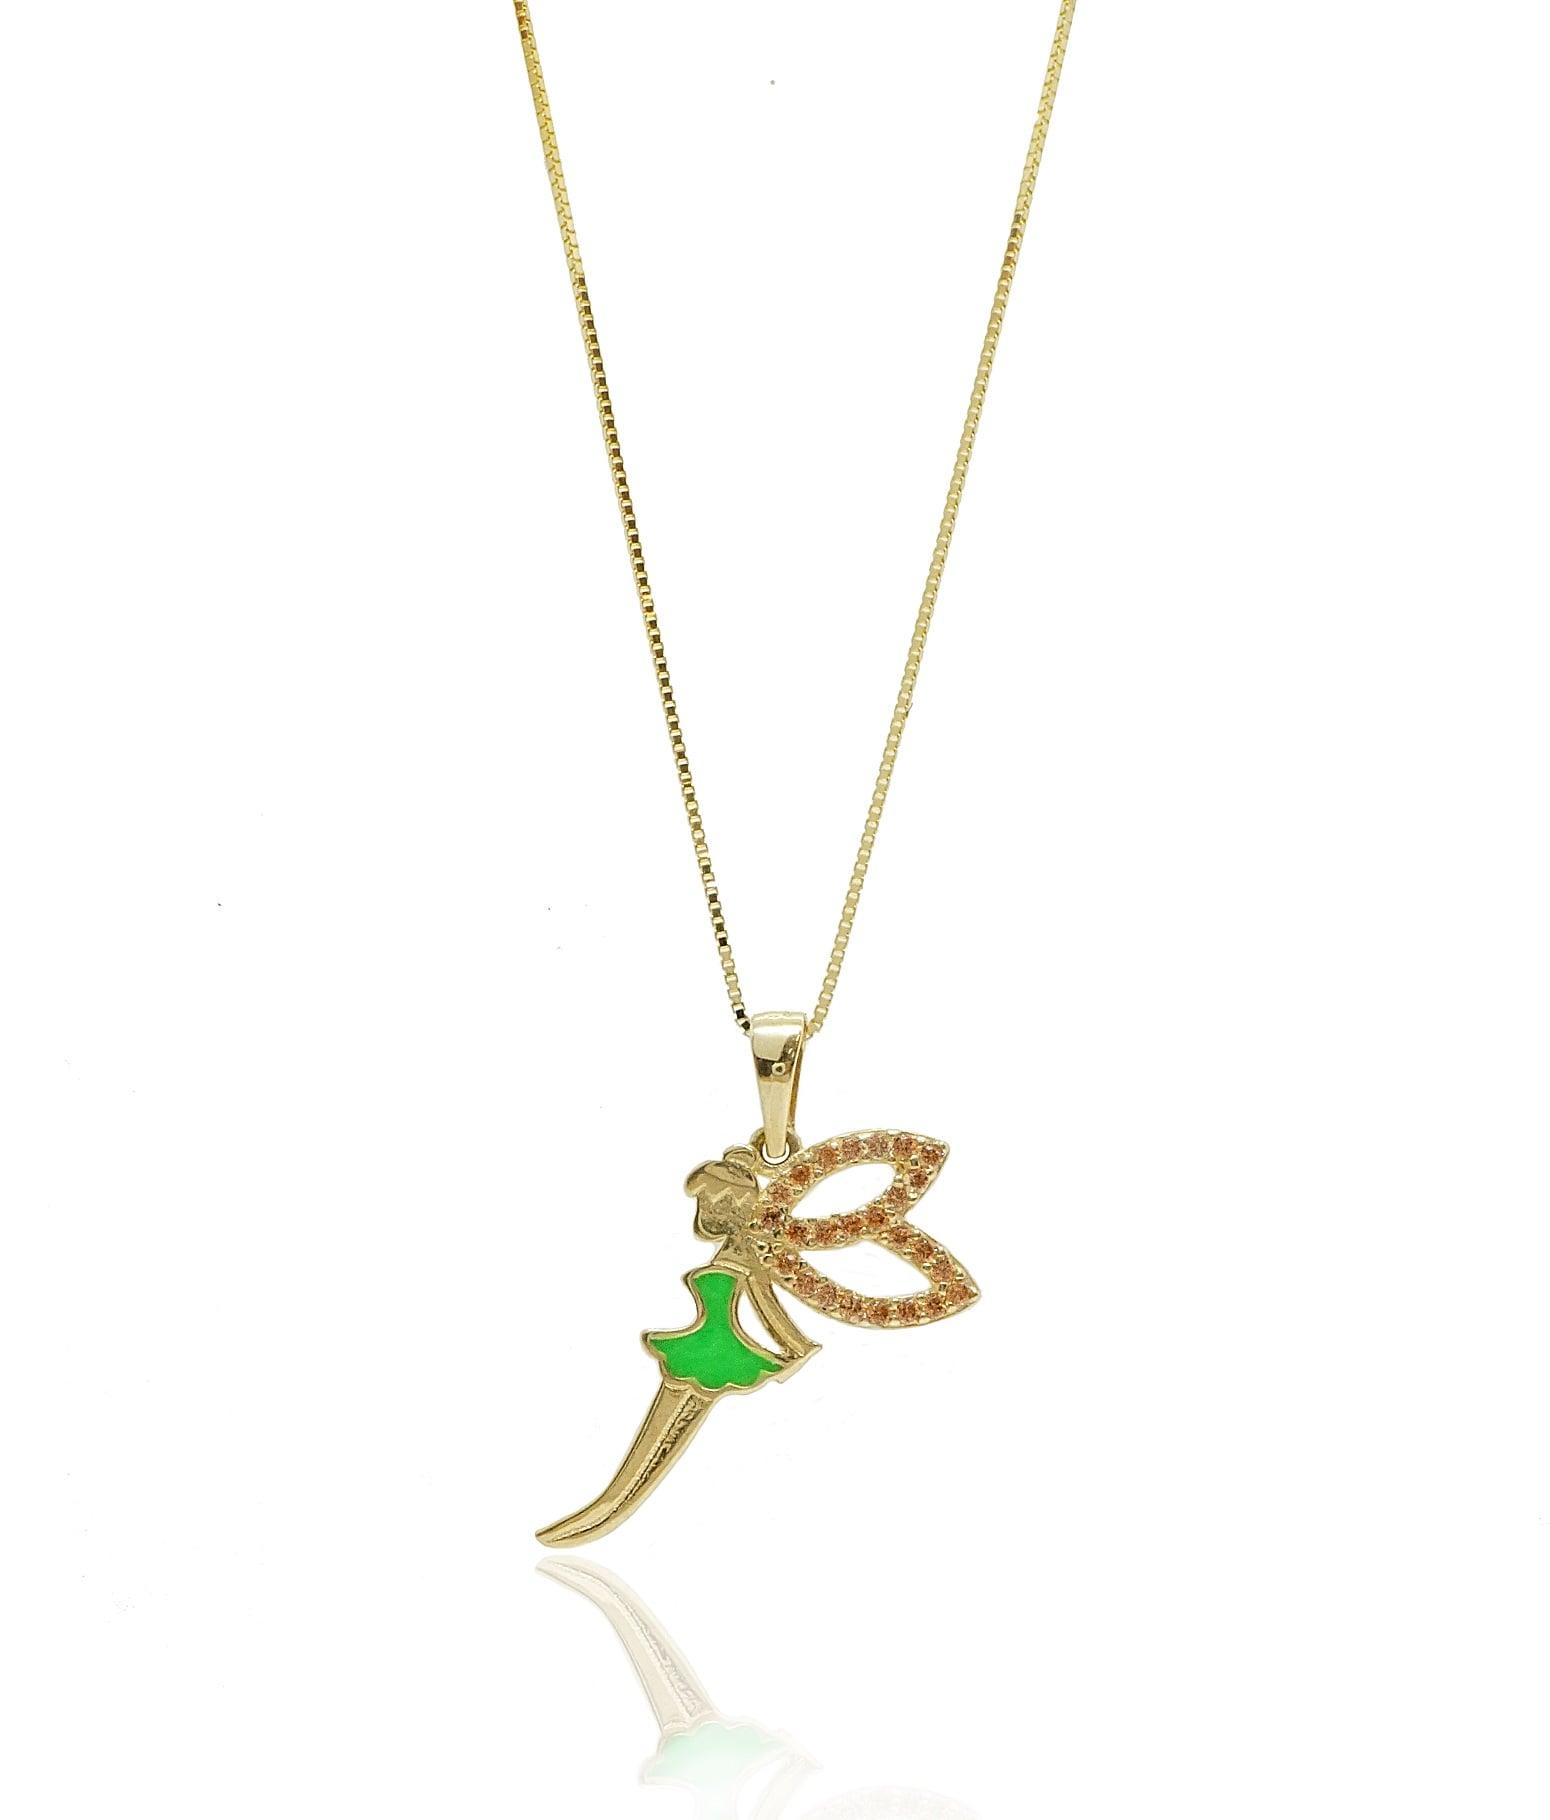 שרשרת פיות שרשרת פייה שרשרת ותליון זהב בסגנון פייה משובץ זרקונים